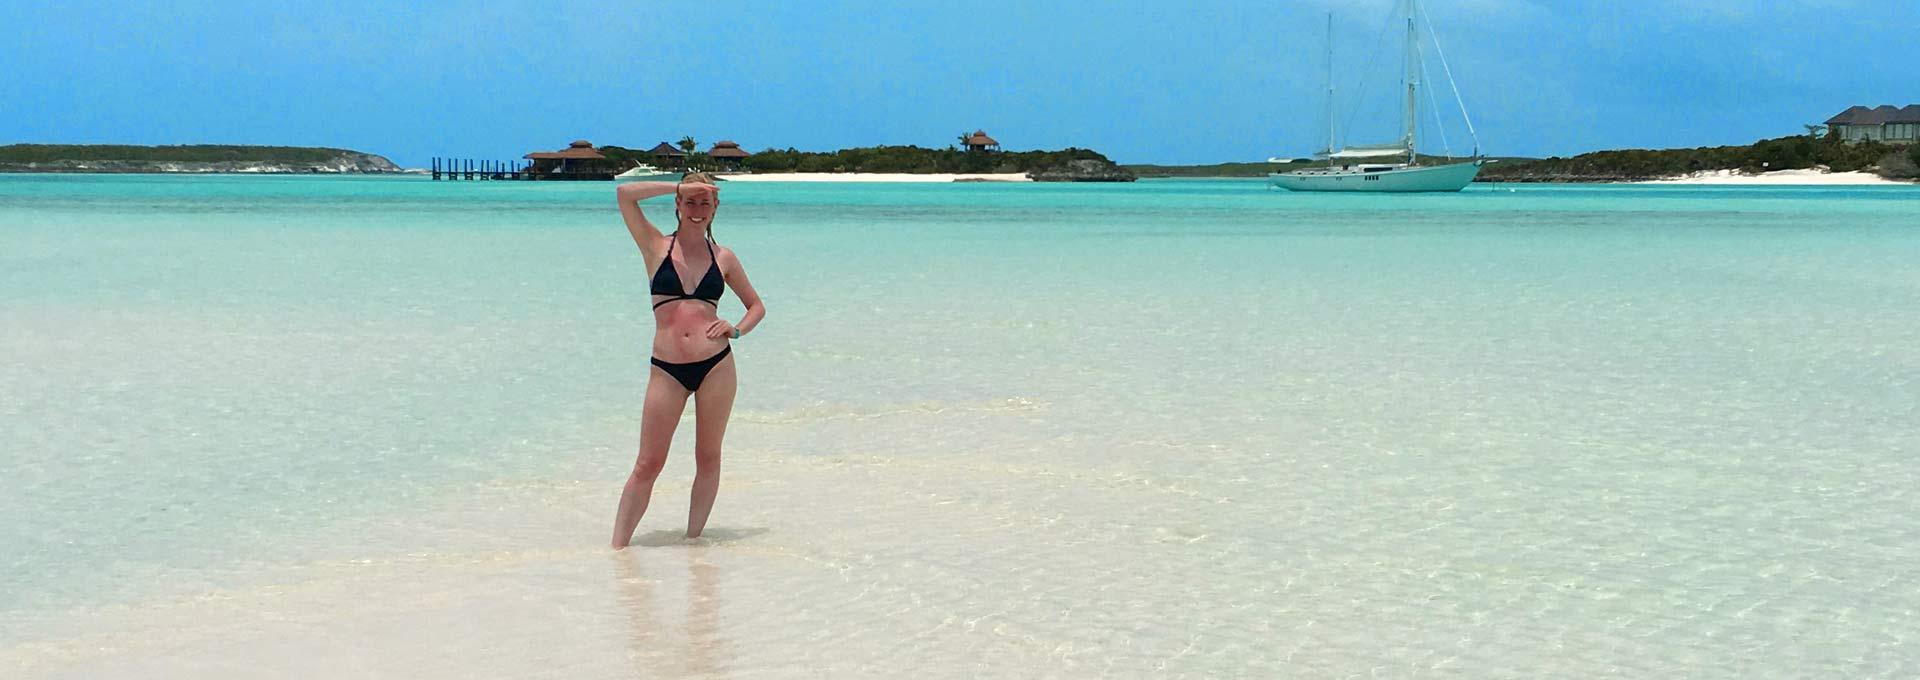 Find Your Beach In Exuma